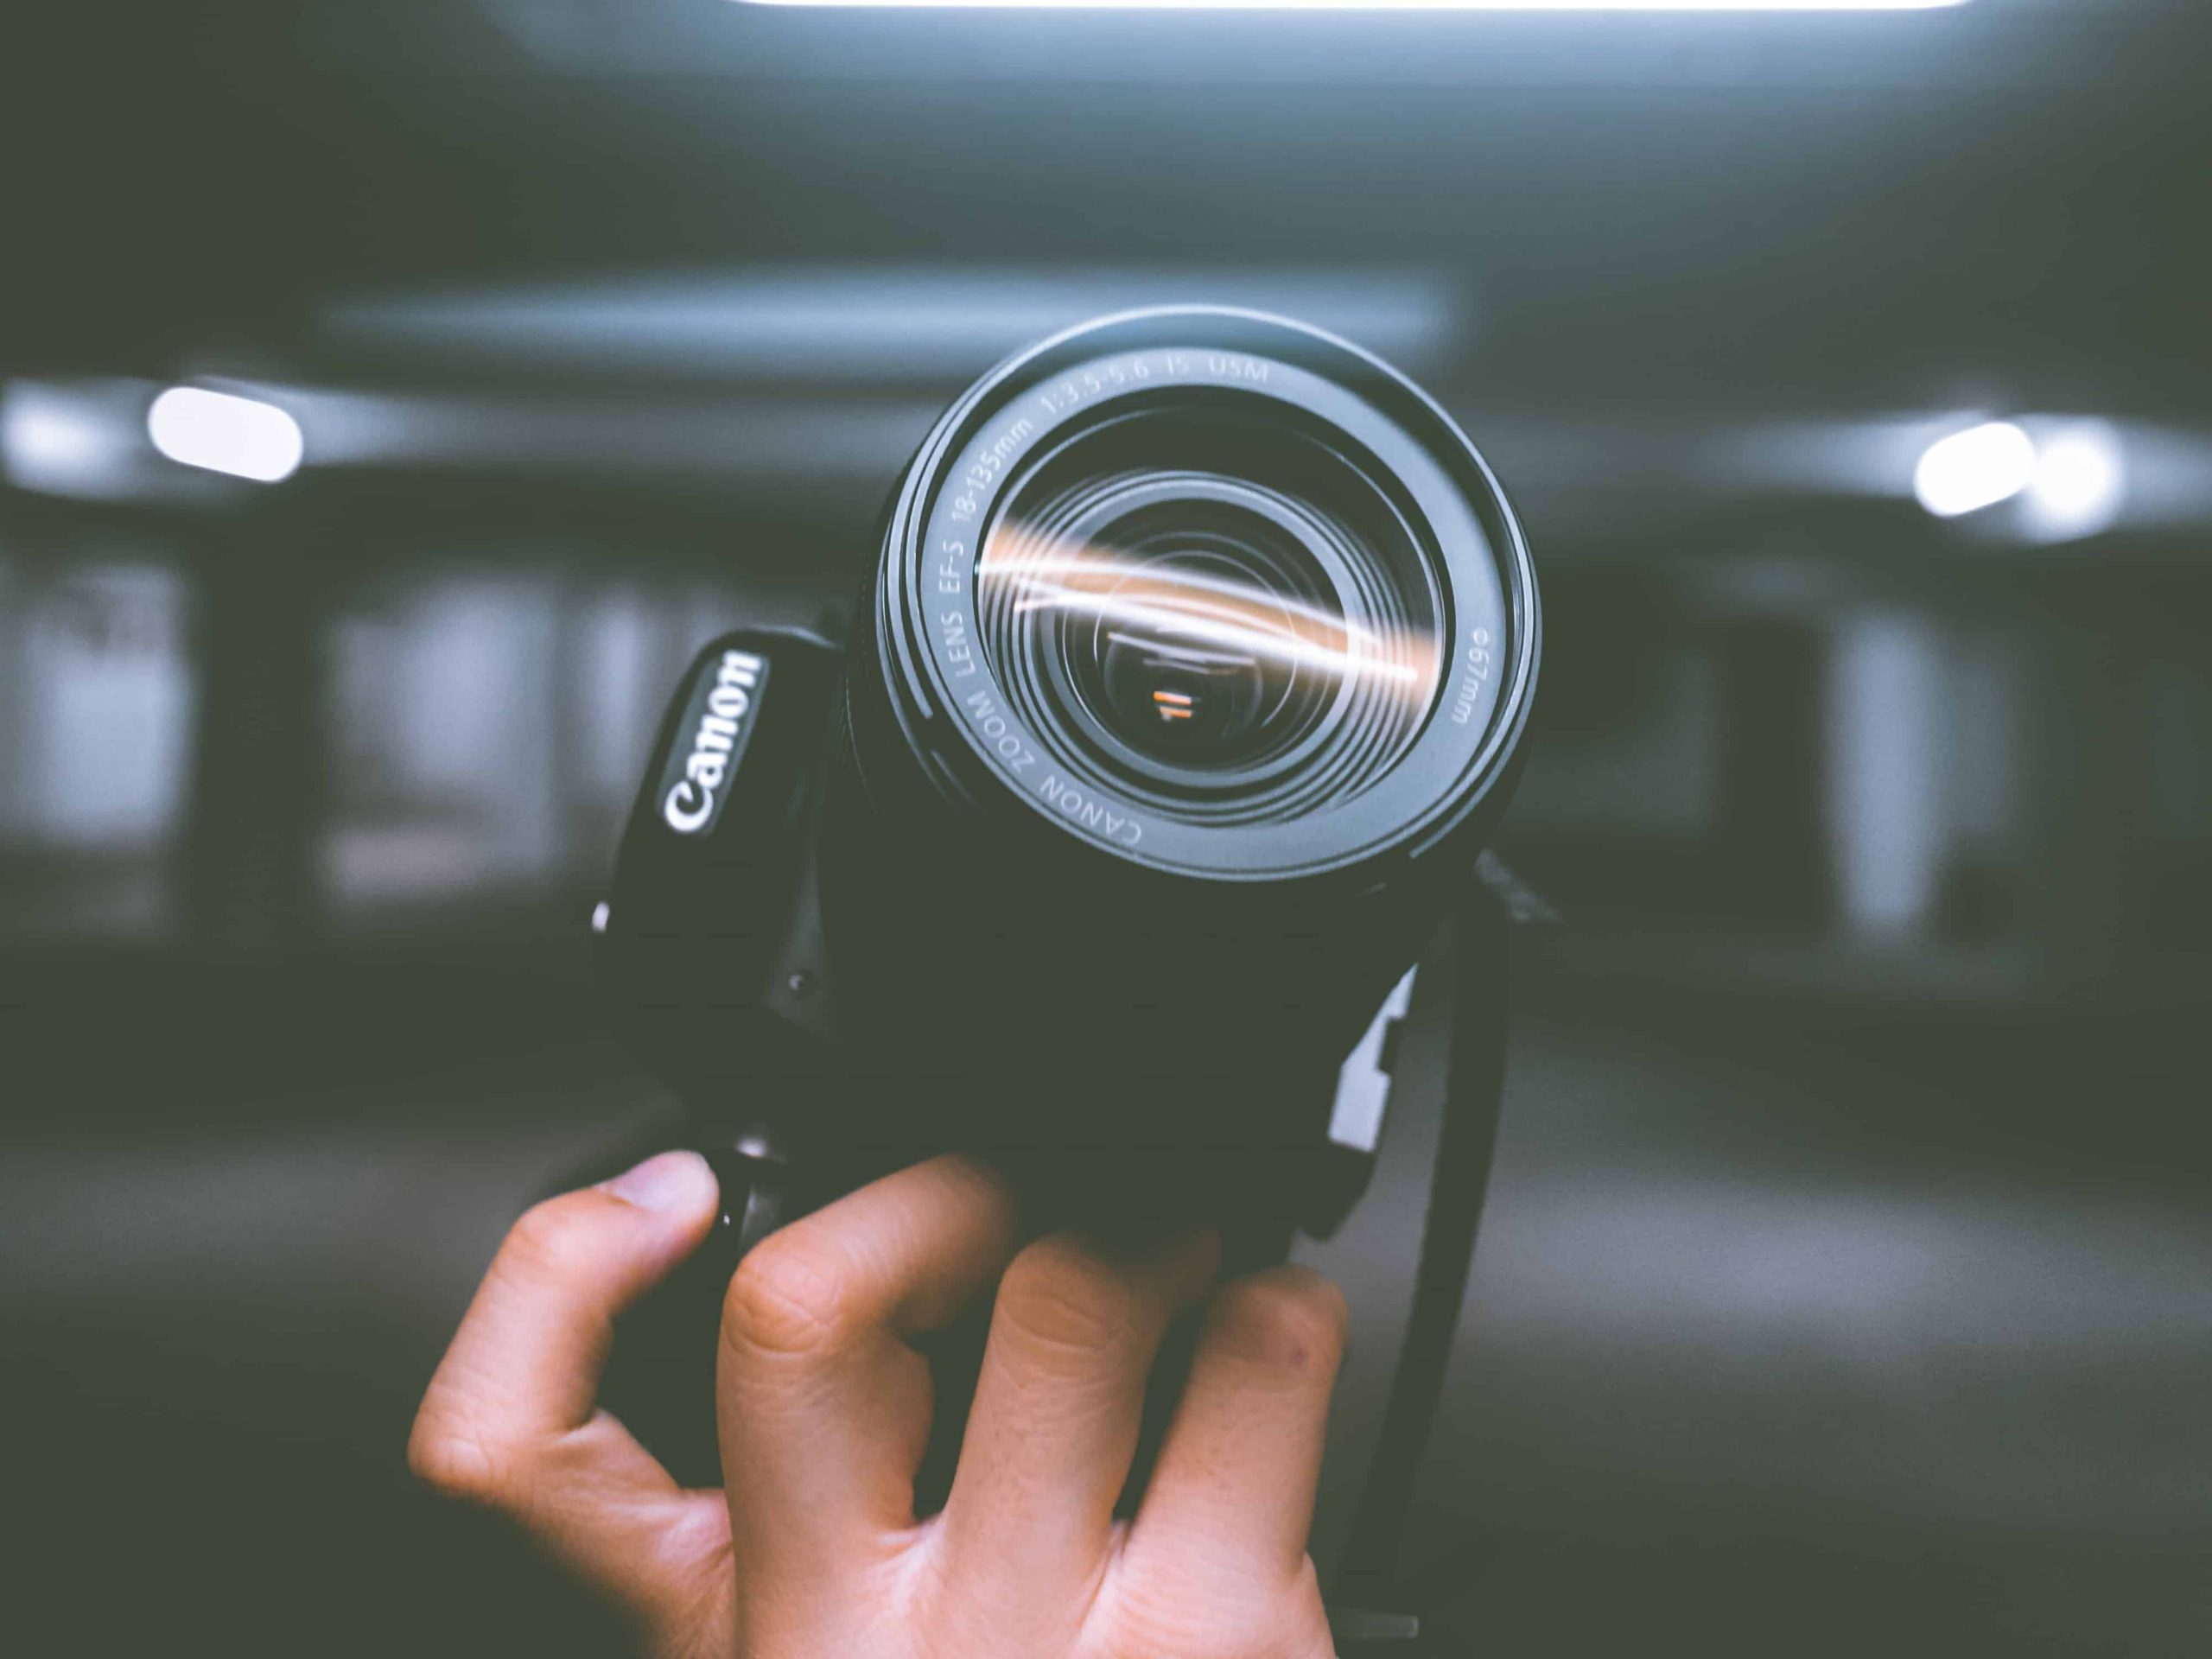 Digitalkamera: Test & Empfehlungen (04/21)